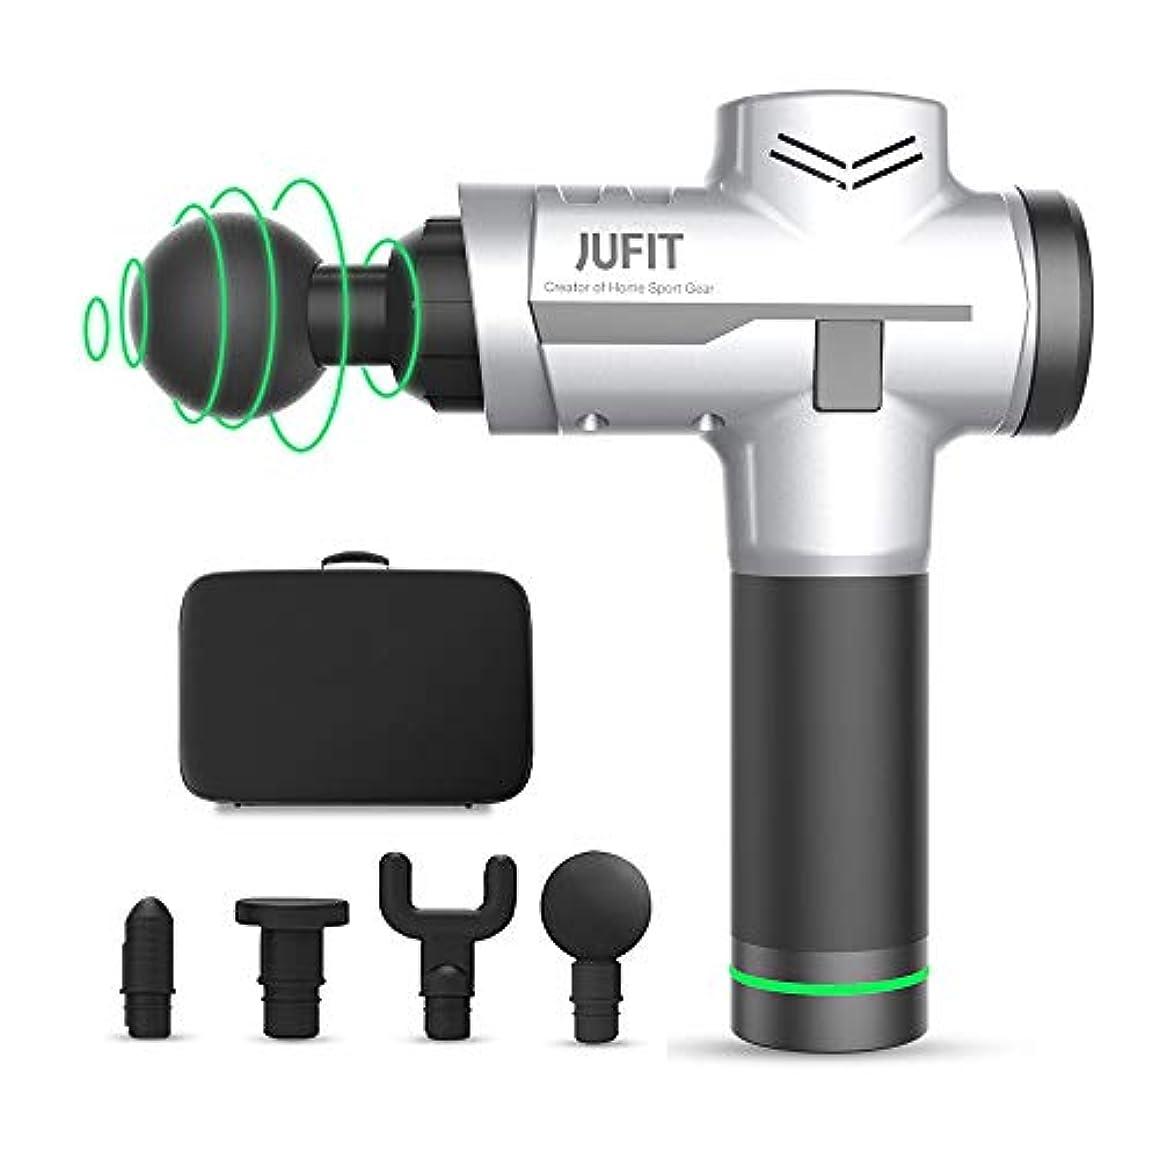 ただじゃがいも補償JUFIT Fascia Massage Gun/Muscle Massage Gun with 6 Speed Levels and 4 Replaceable Massager Heads Handheld Cordless...